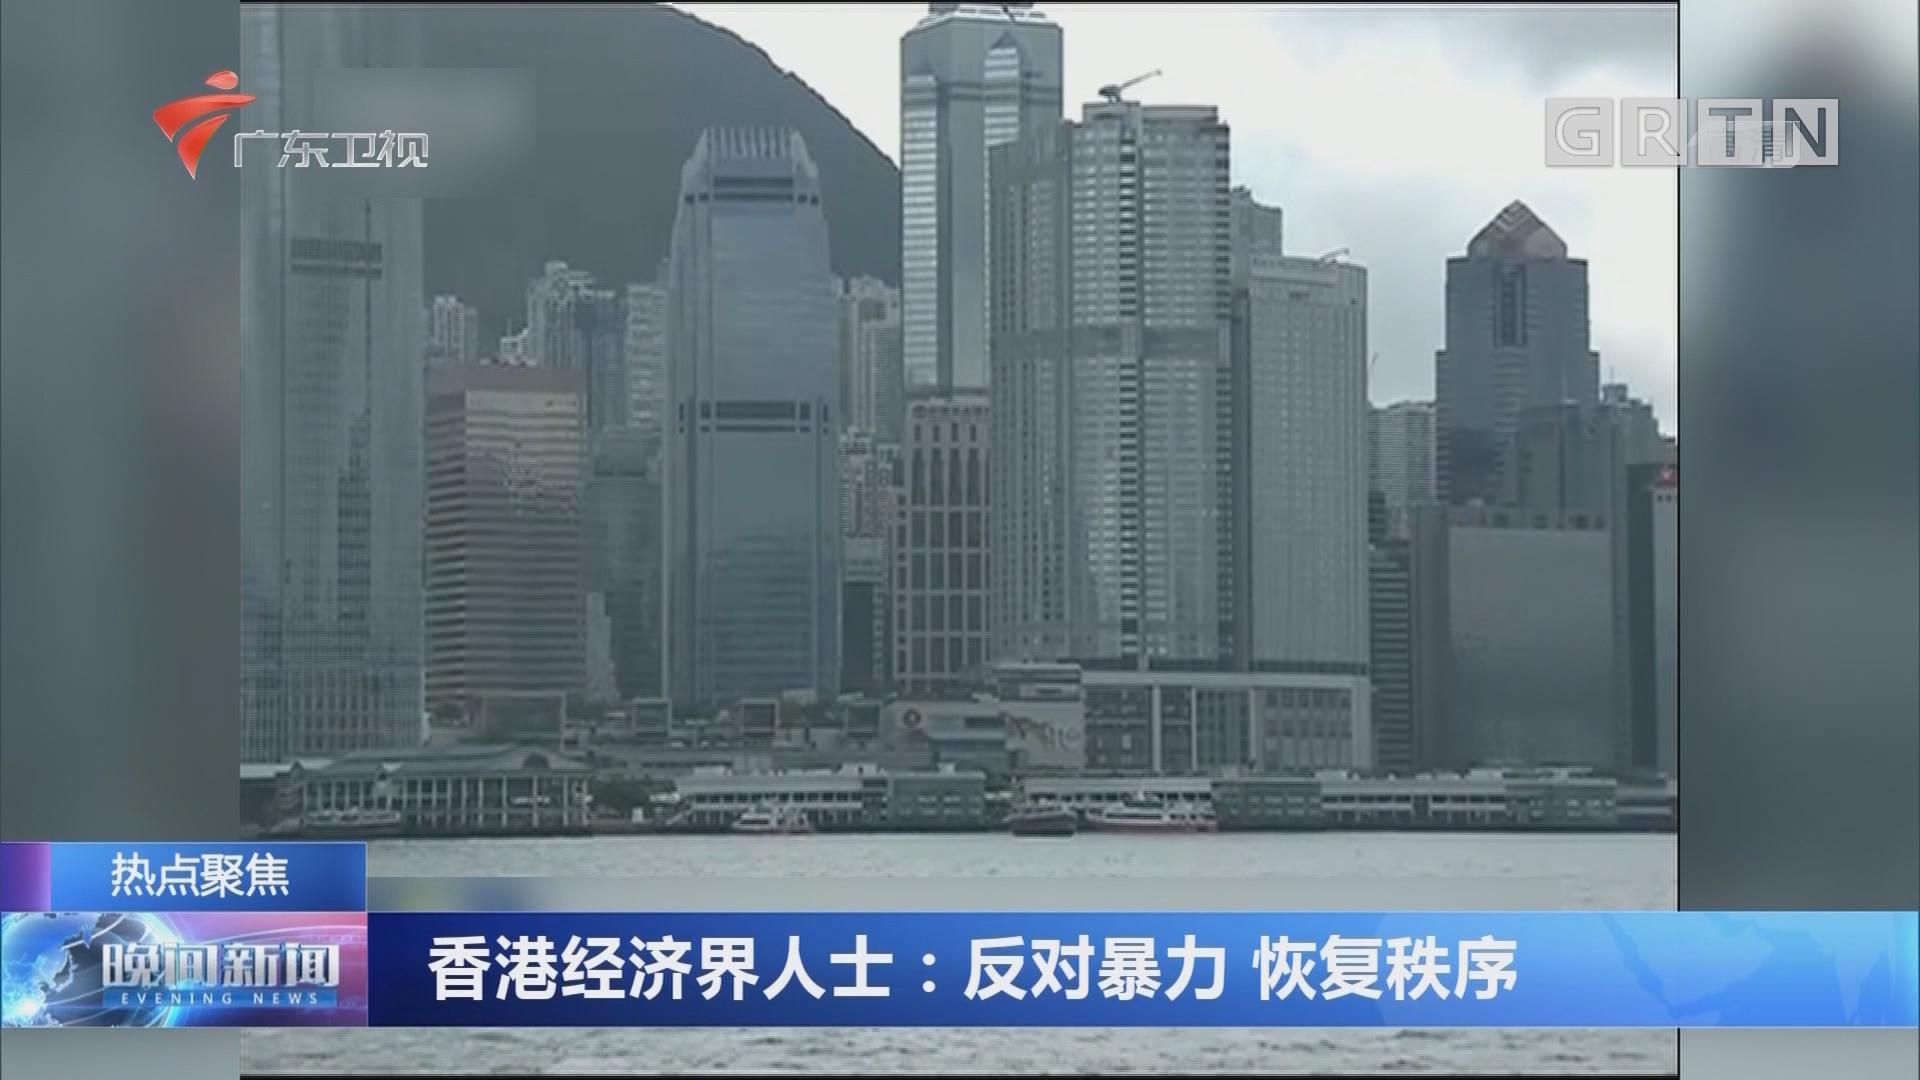 香港经济界人士:反对暴力 恢复秩序